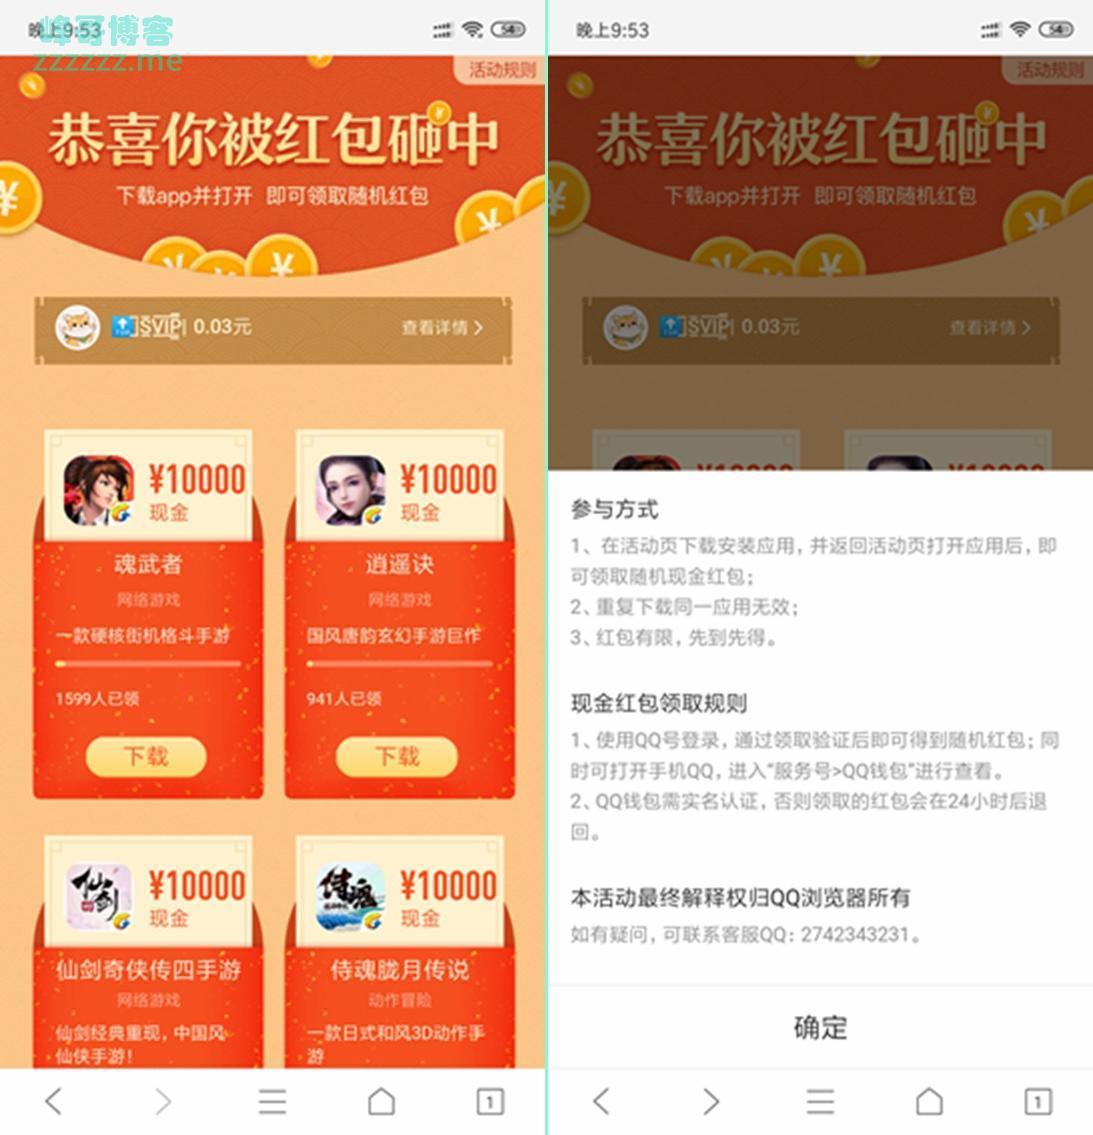 手机QQ浏览器下载游戏领QQ红包 秒到账!